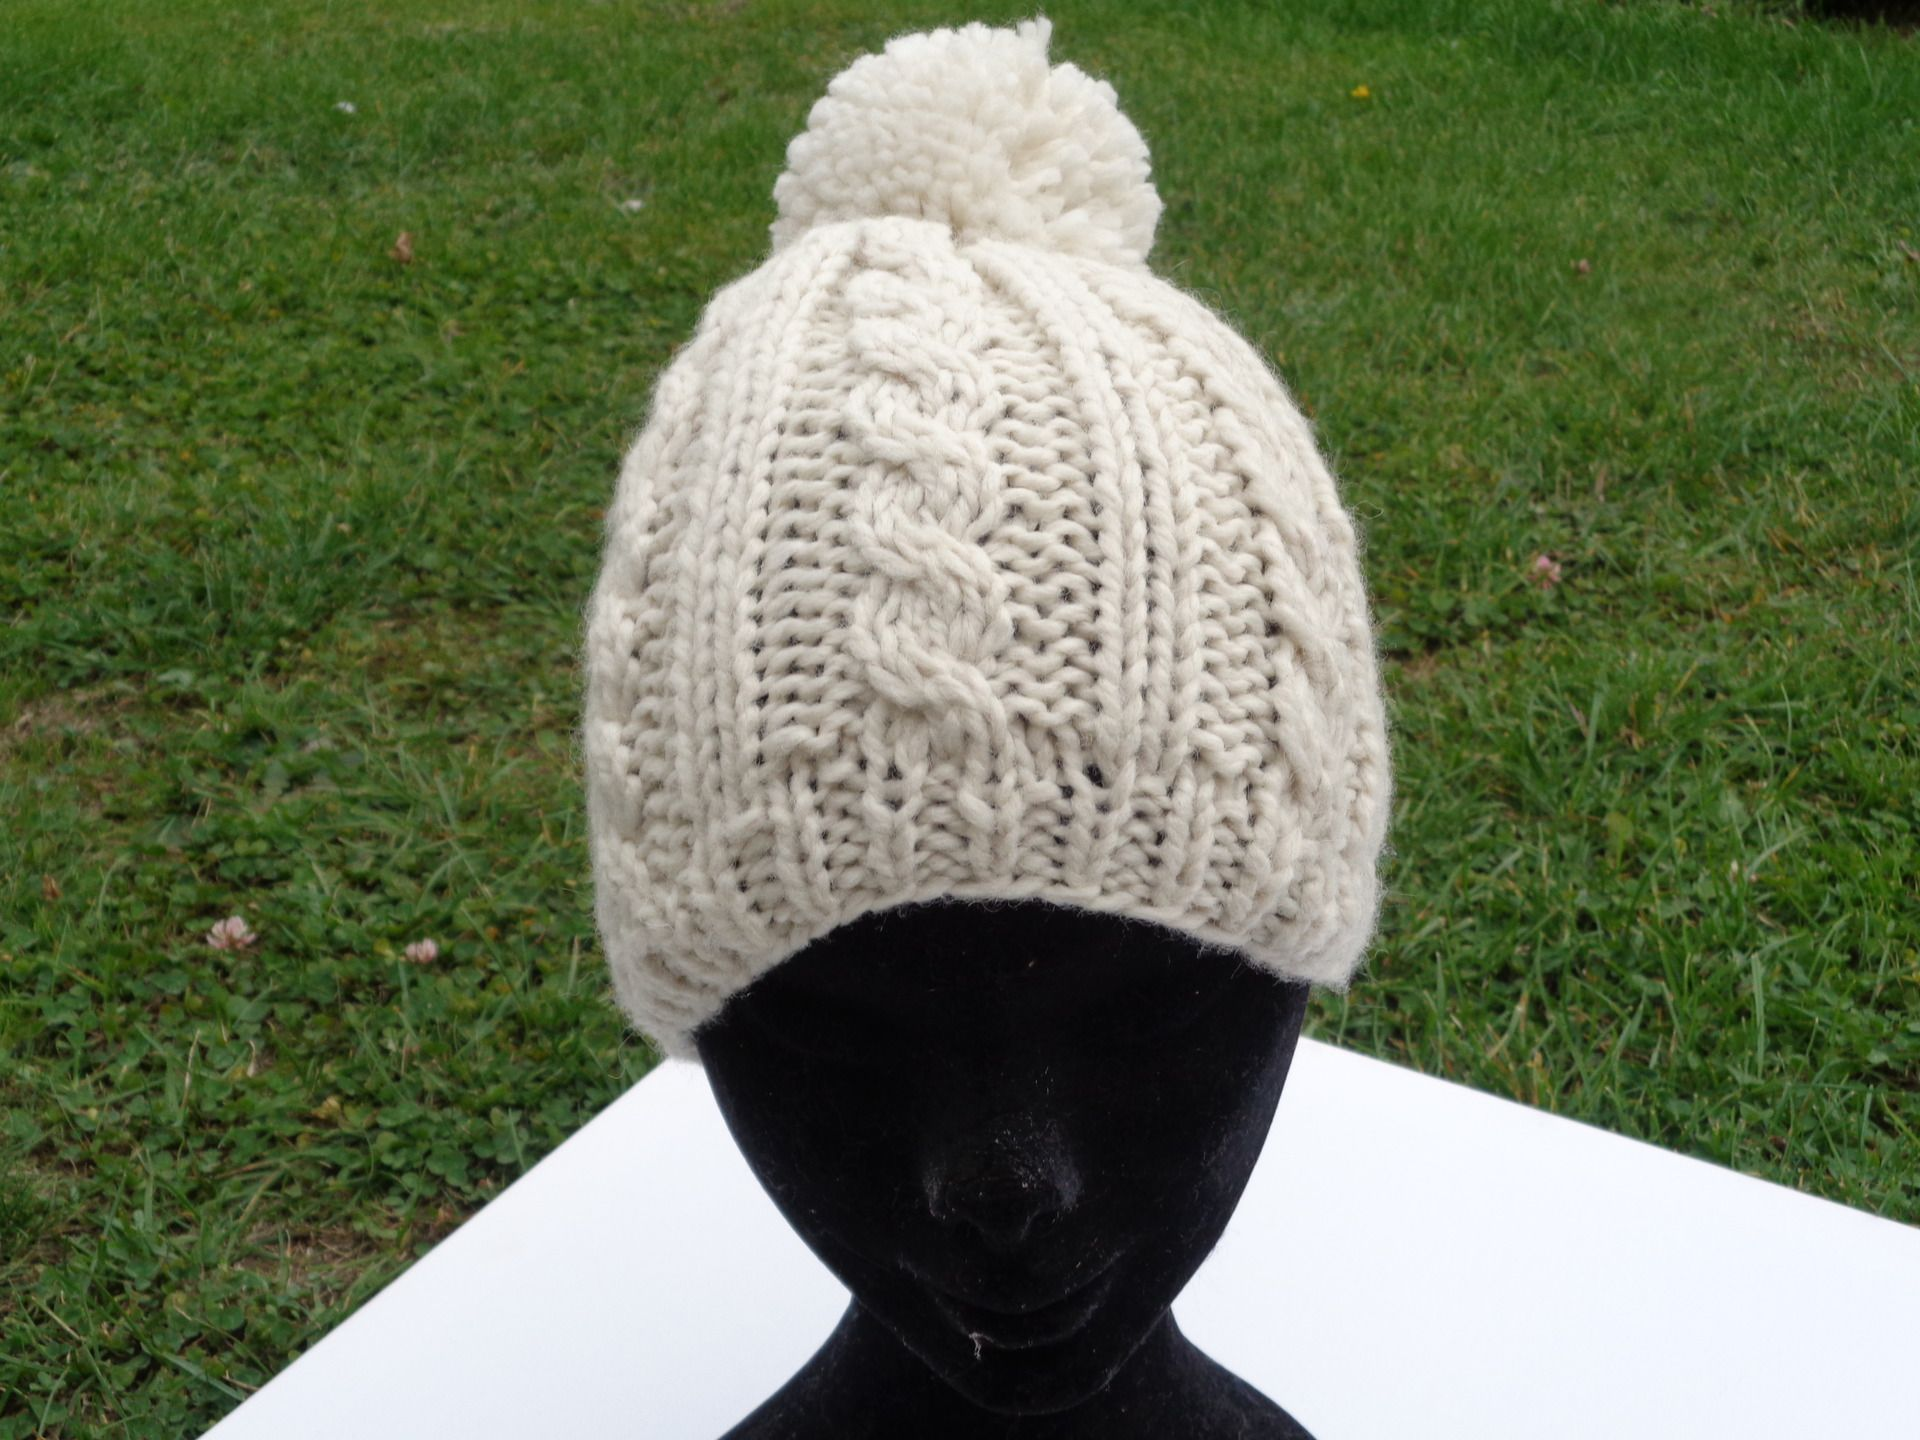 Bonnet tricoté main pour toute la famille Il est composé de cotes et de  torsades avec son pompon Trés chaud et doux pour cet hiver Taille unique  FIL utilisé